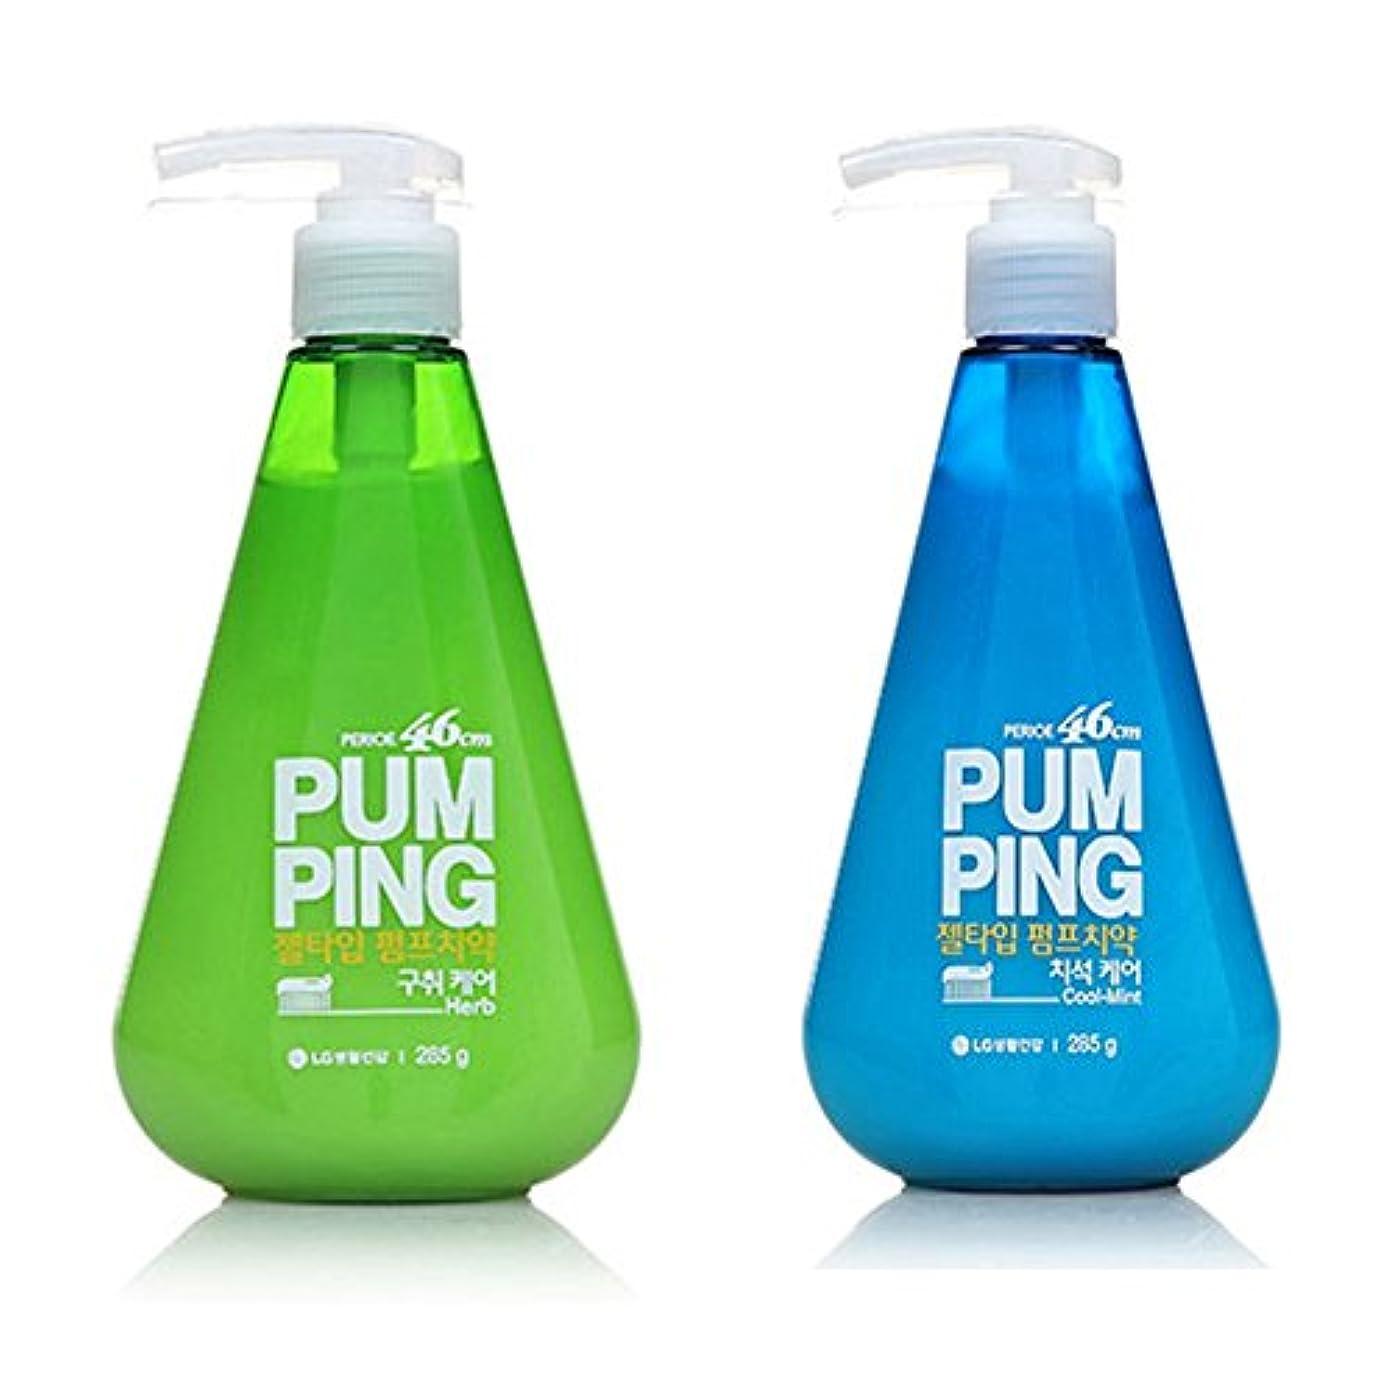 教えめんどりパターン(ぺリオ) PERIO ソンジュンギ 歯磨き粉 ポンピング大容量 285g*2個 (ハーブ+クールミント) [並行輸入品]